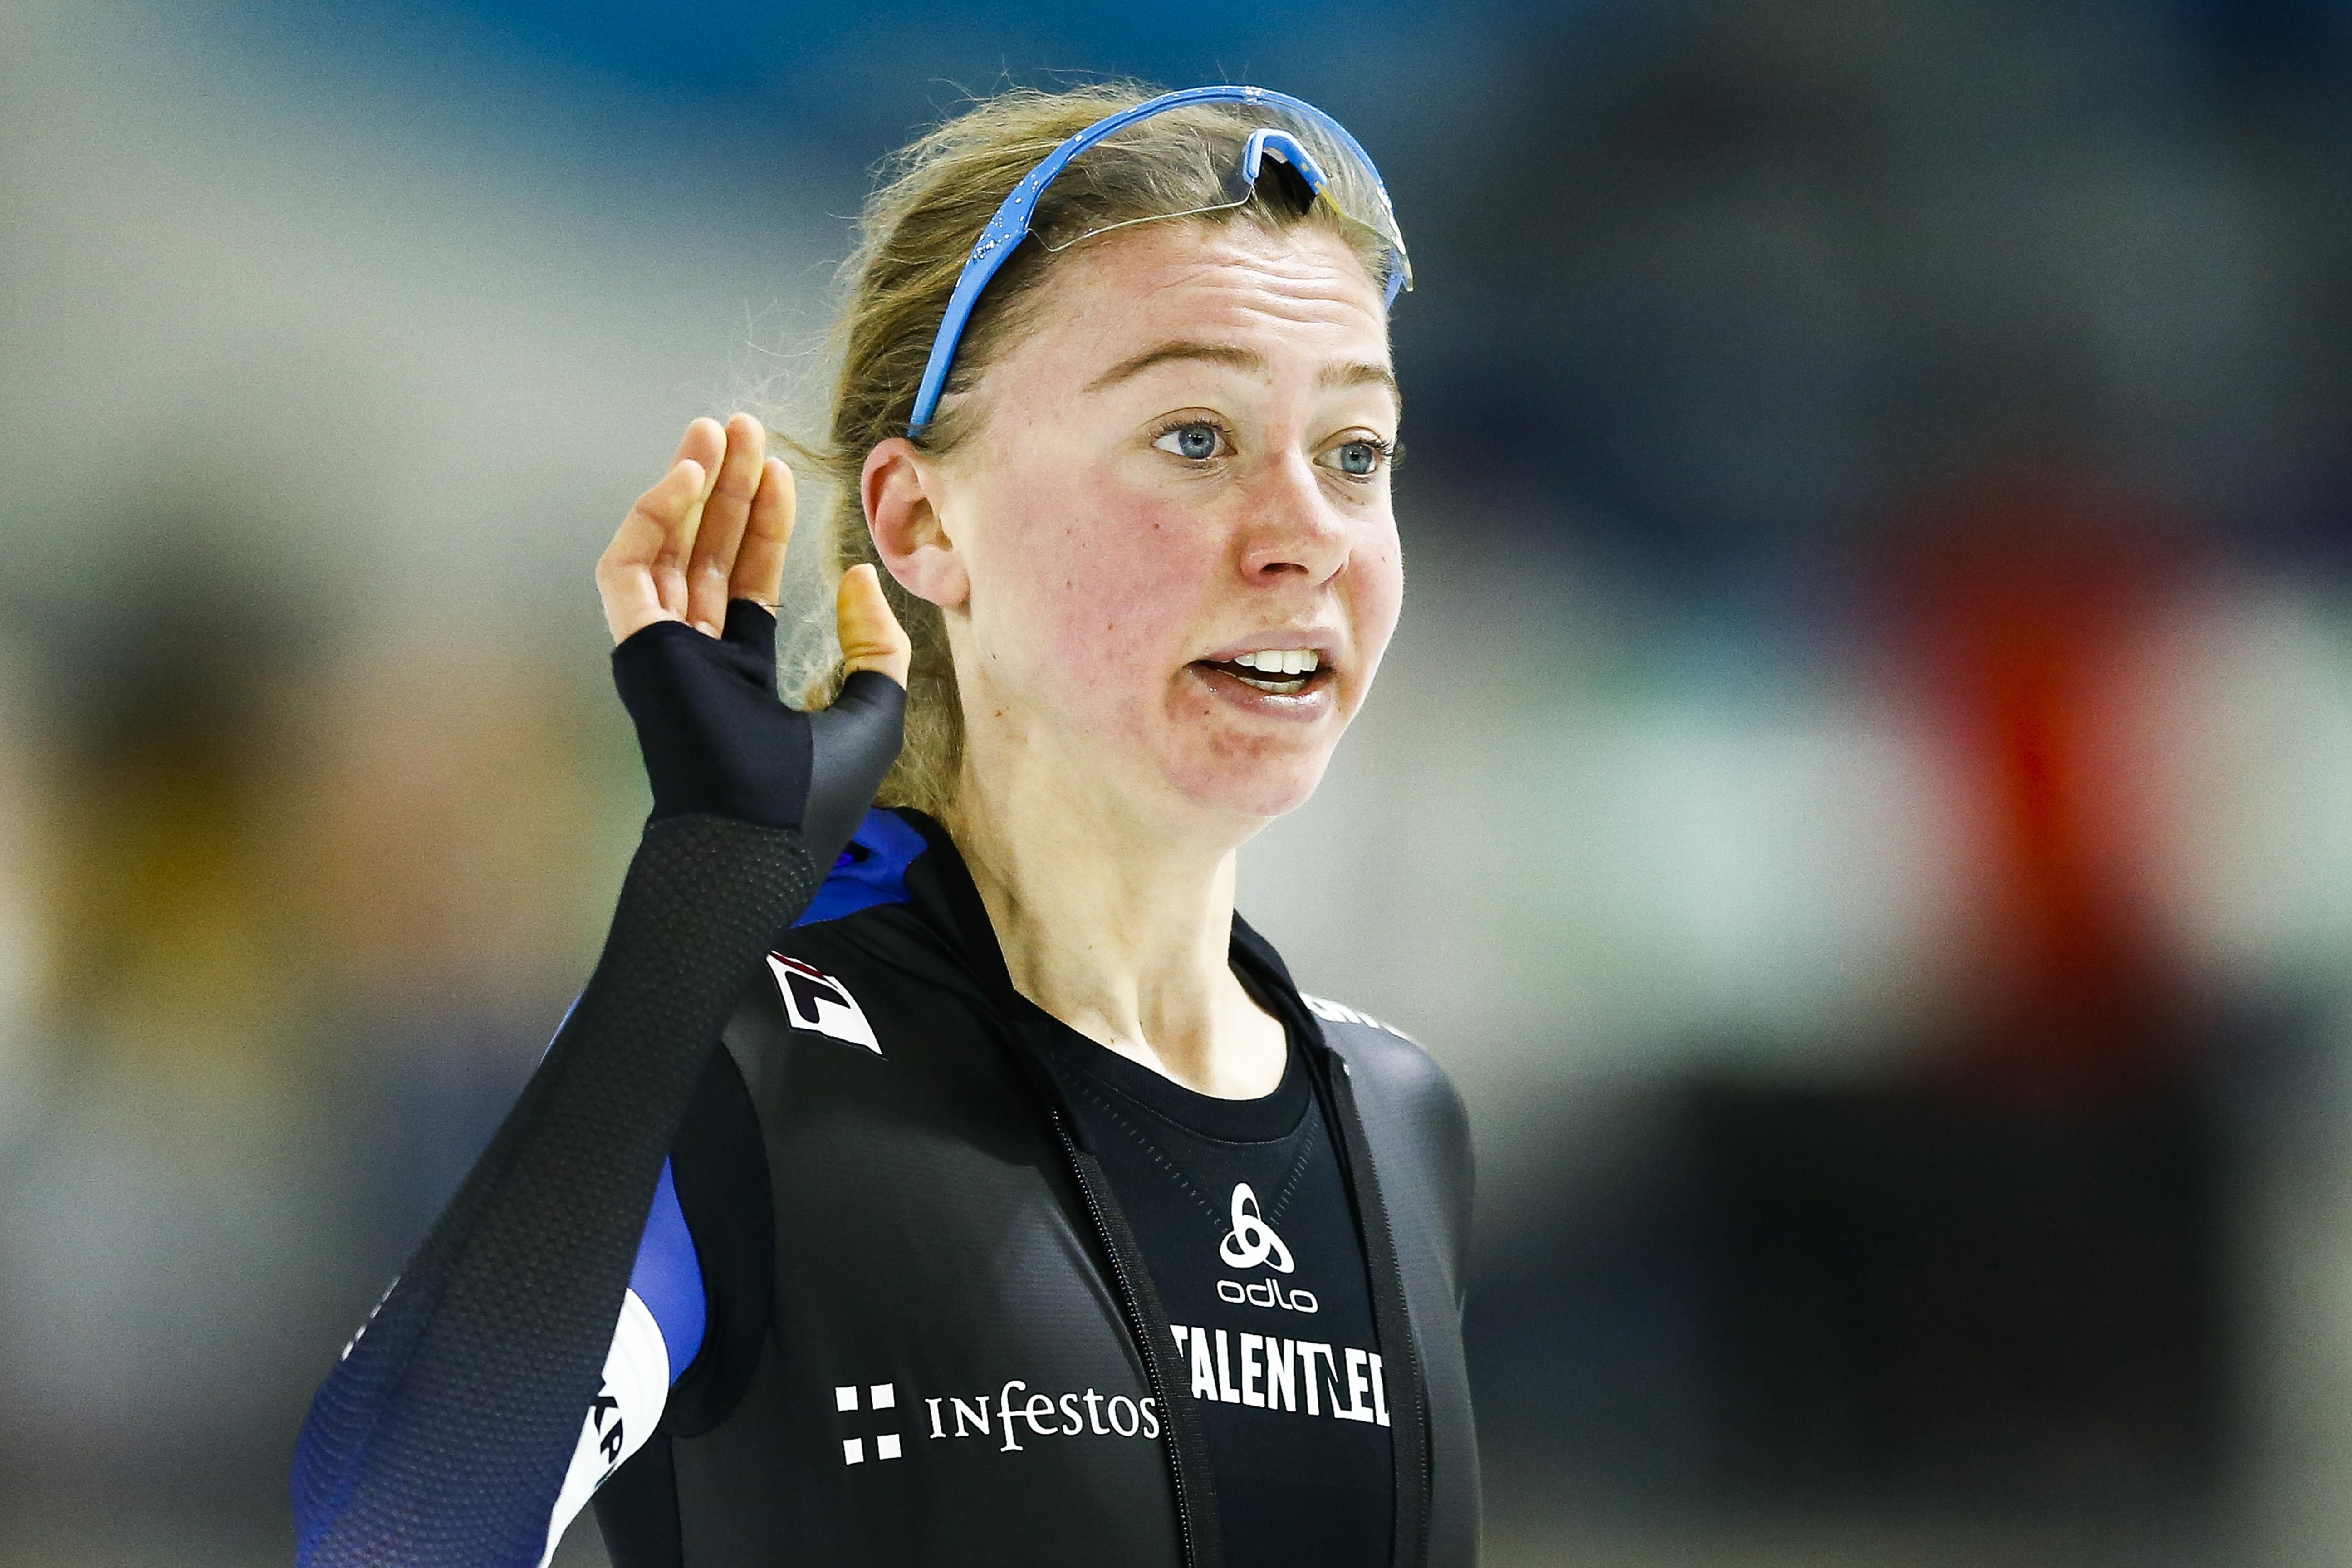 Esmee Visser vierde op 3000 meter wereldbeker Hamar